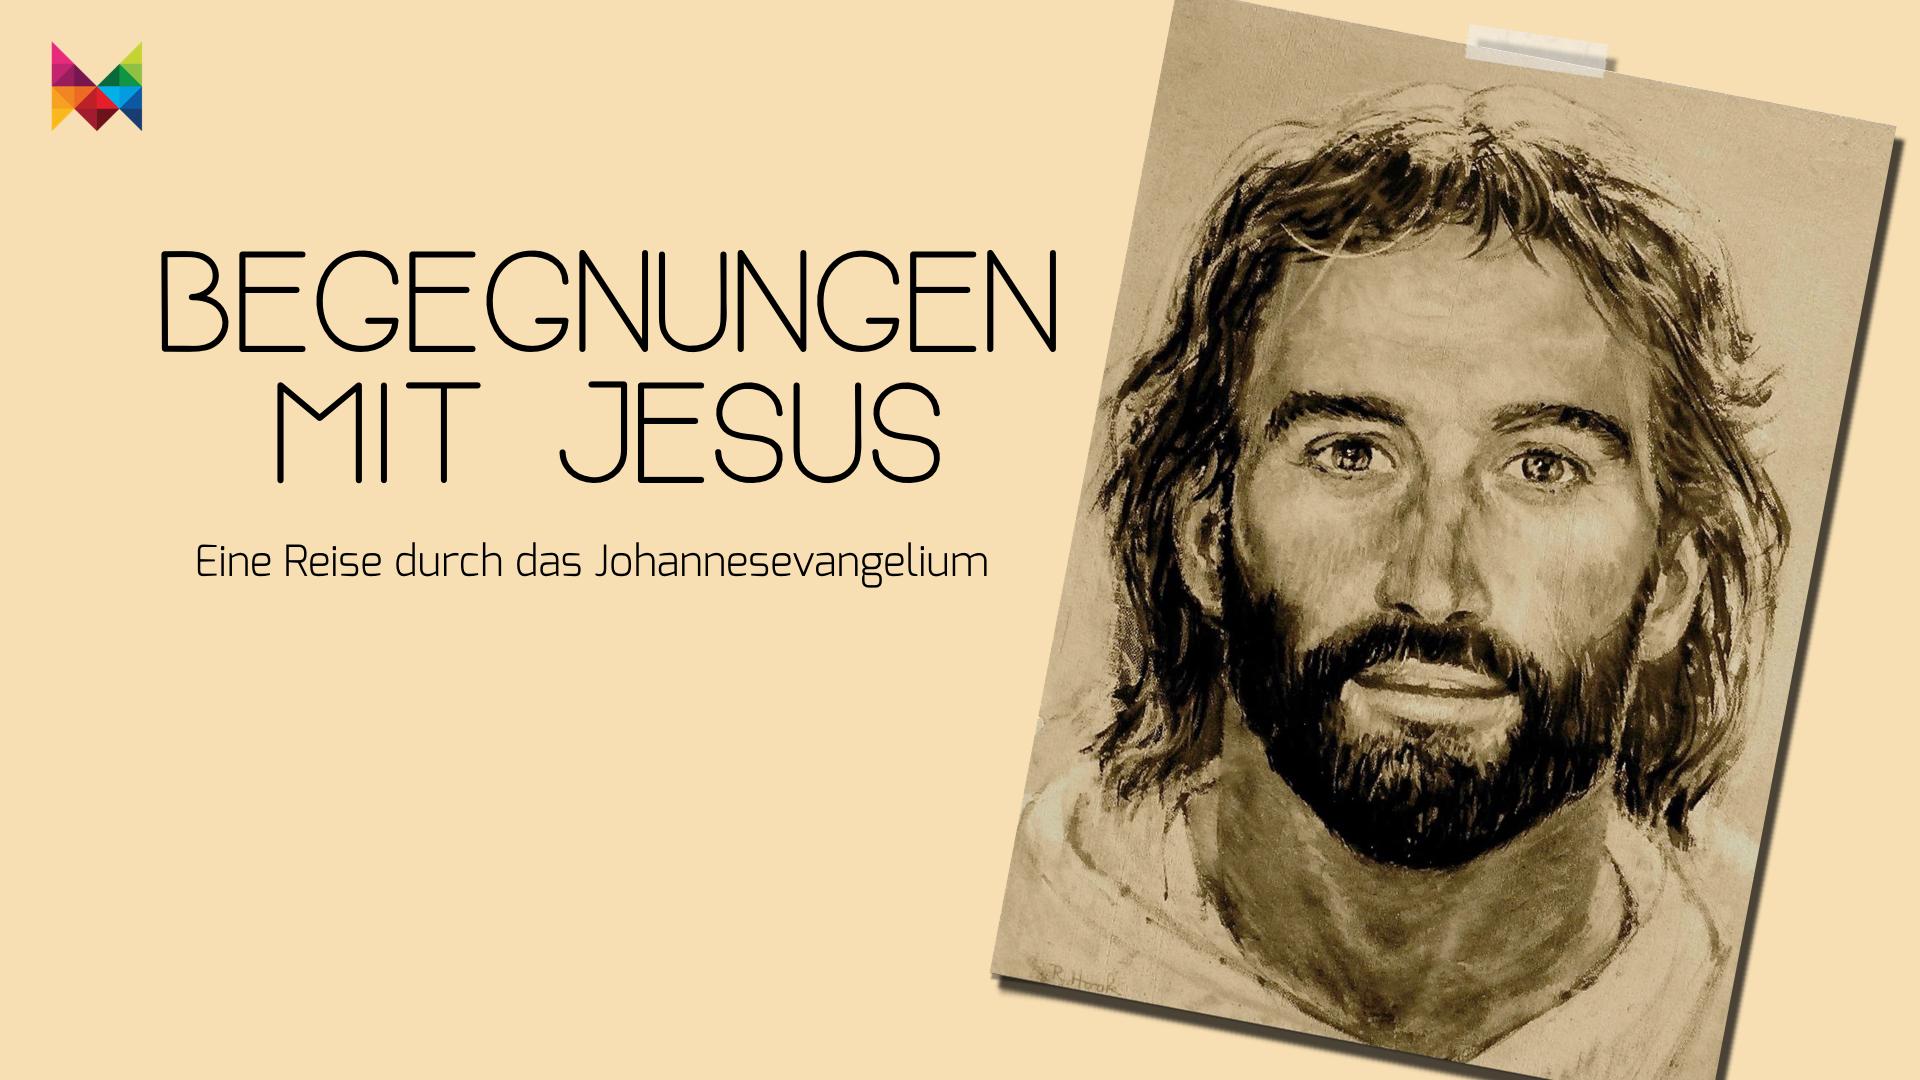 Begegnungen mit Jesus. Der Duft kostbarer Liebe